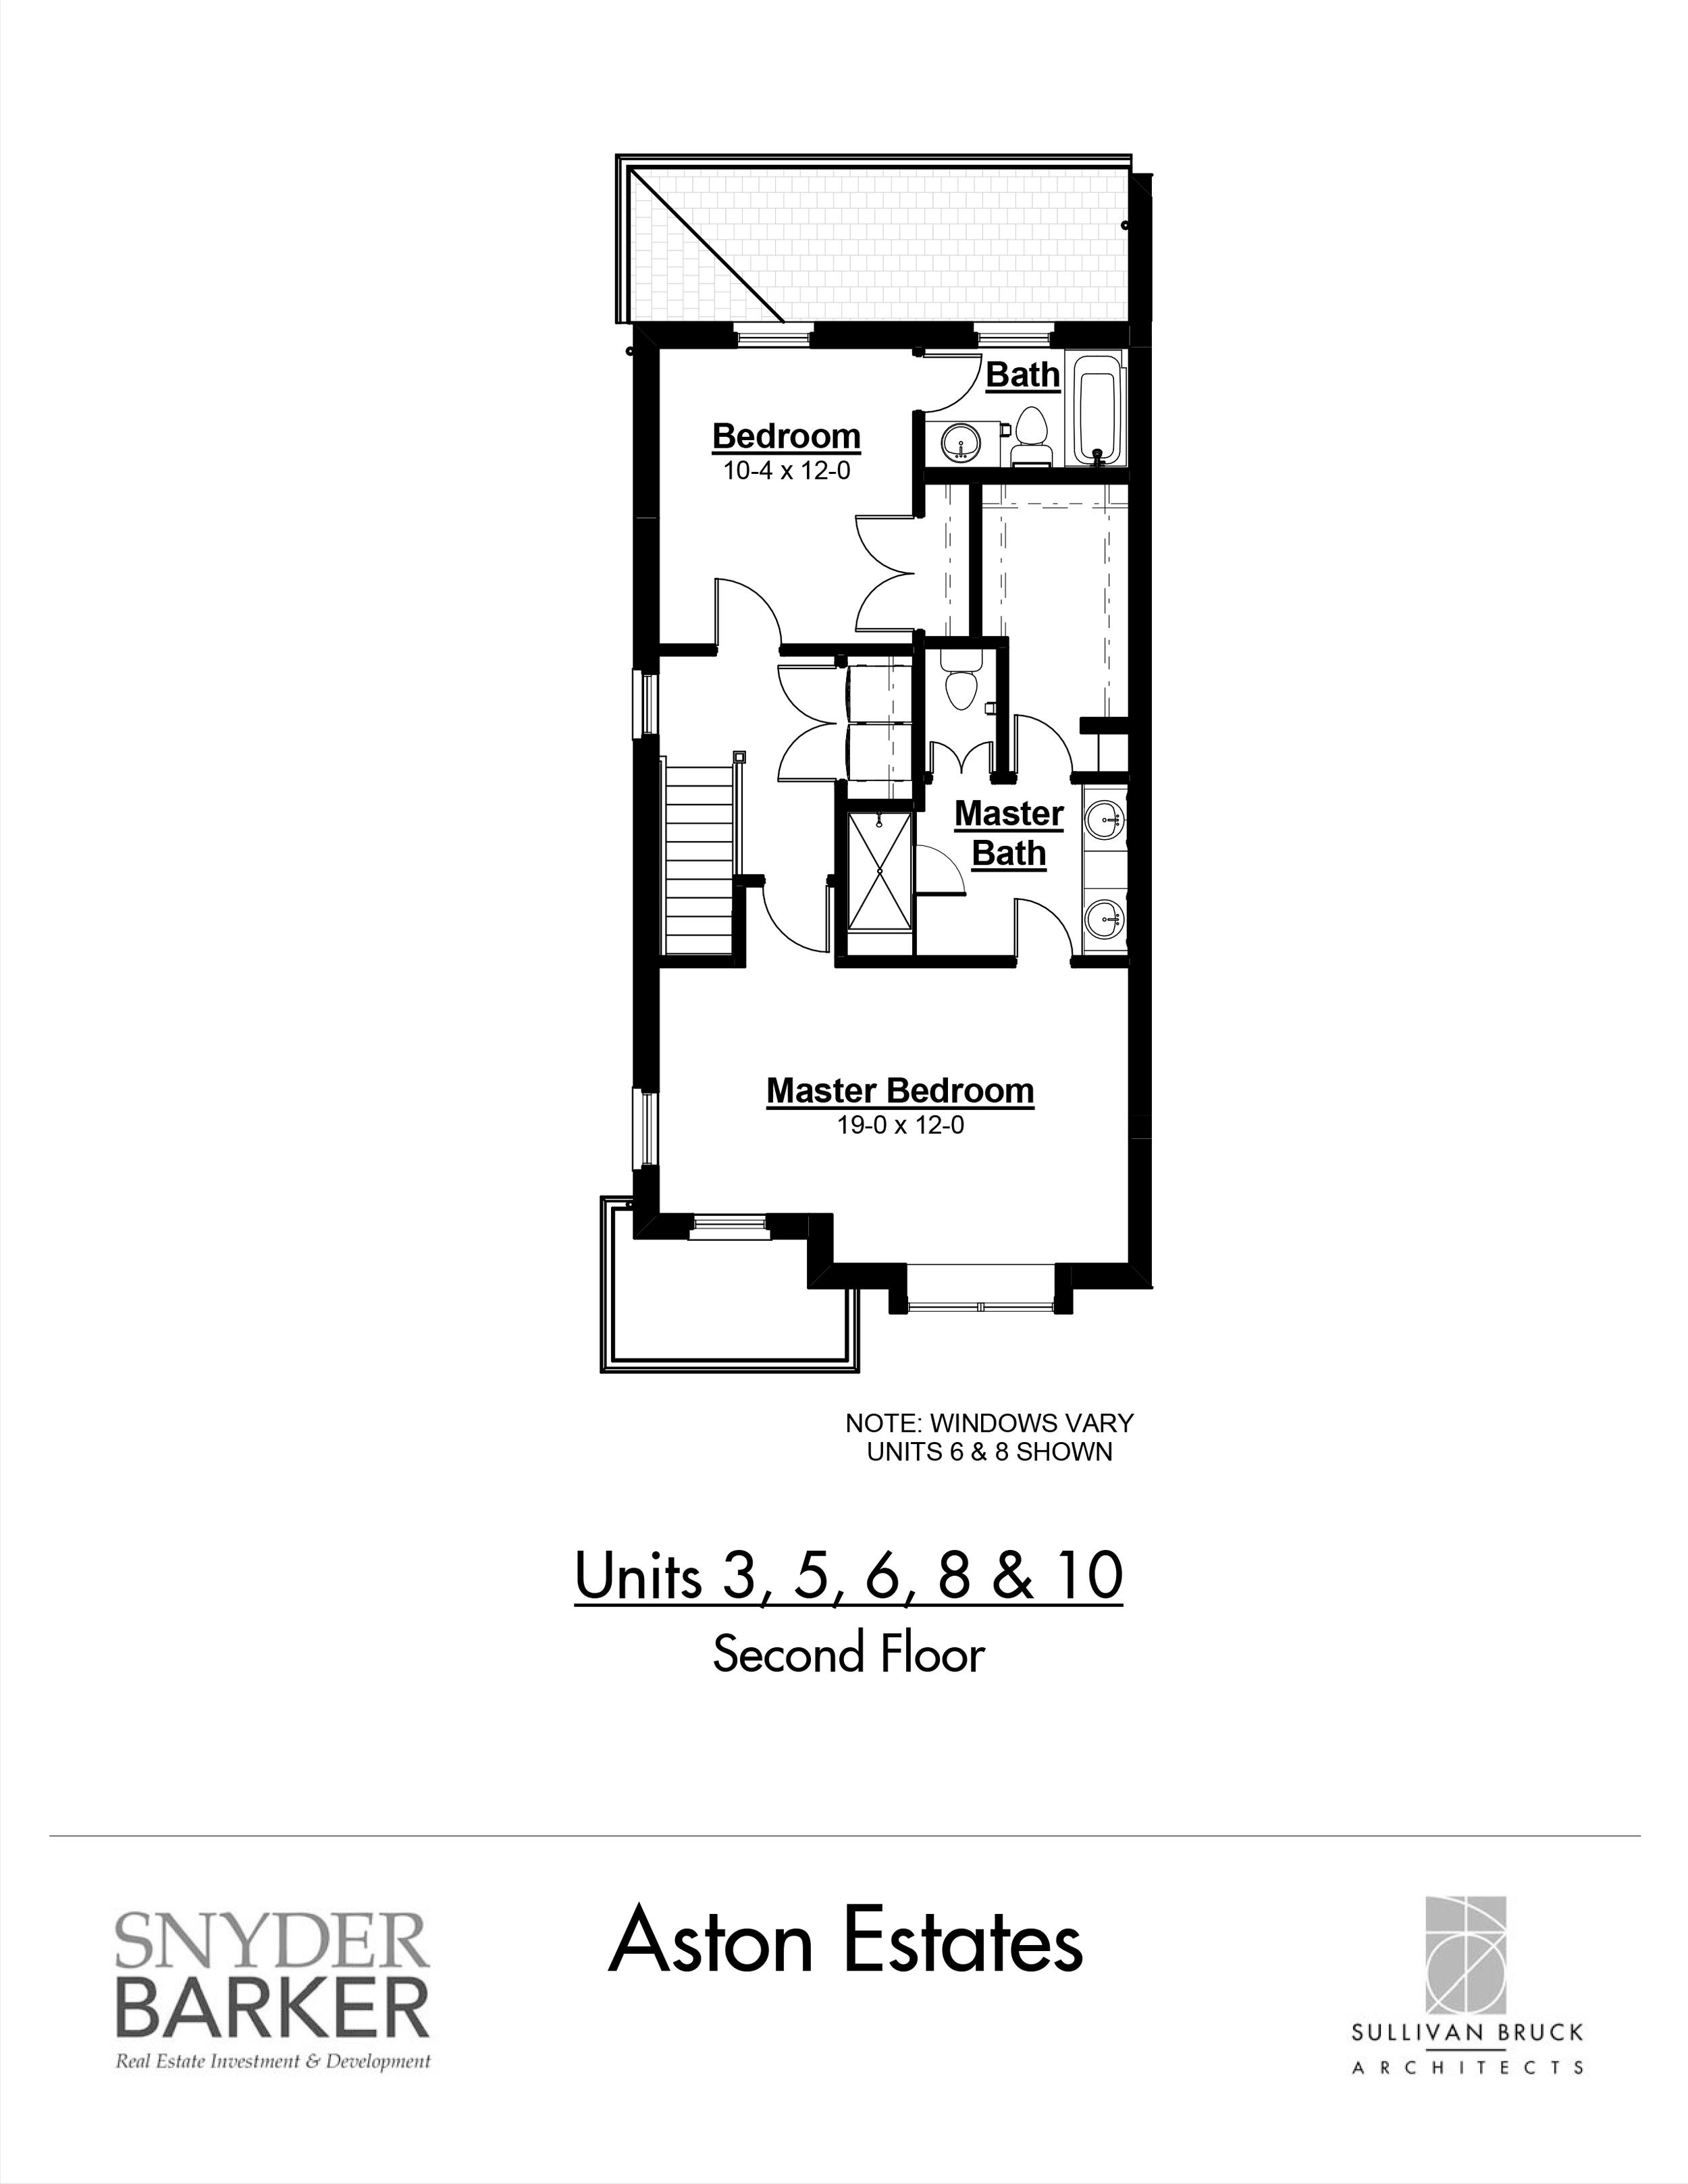 Aston_Estates_Unit_3_5_6_8_10_Second_Floor.jpg